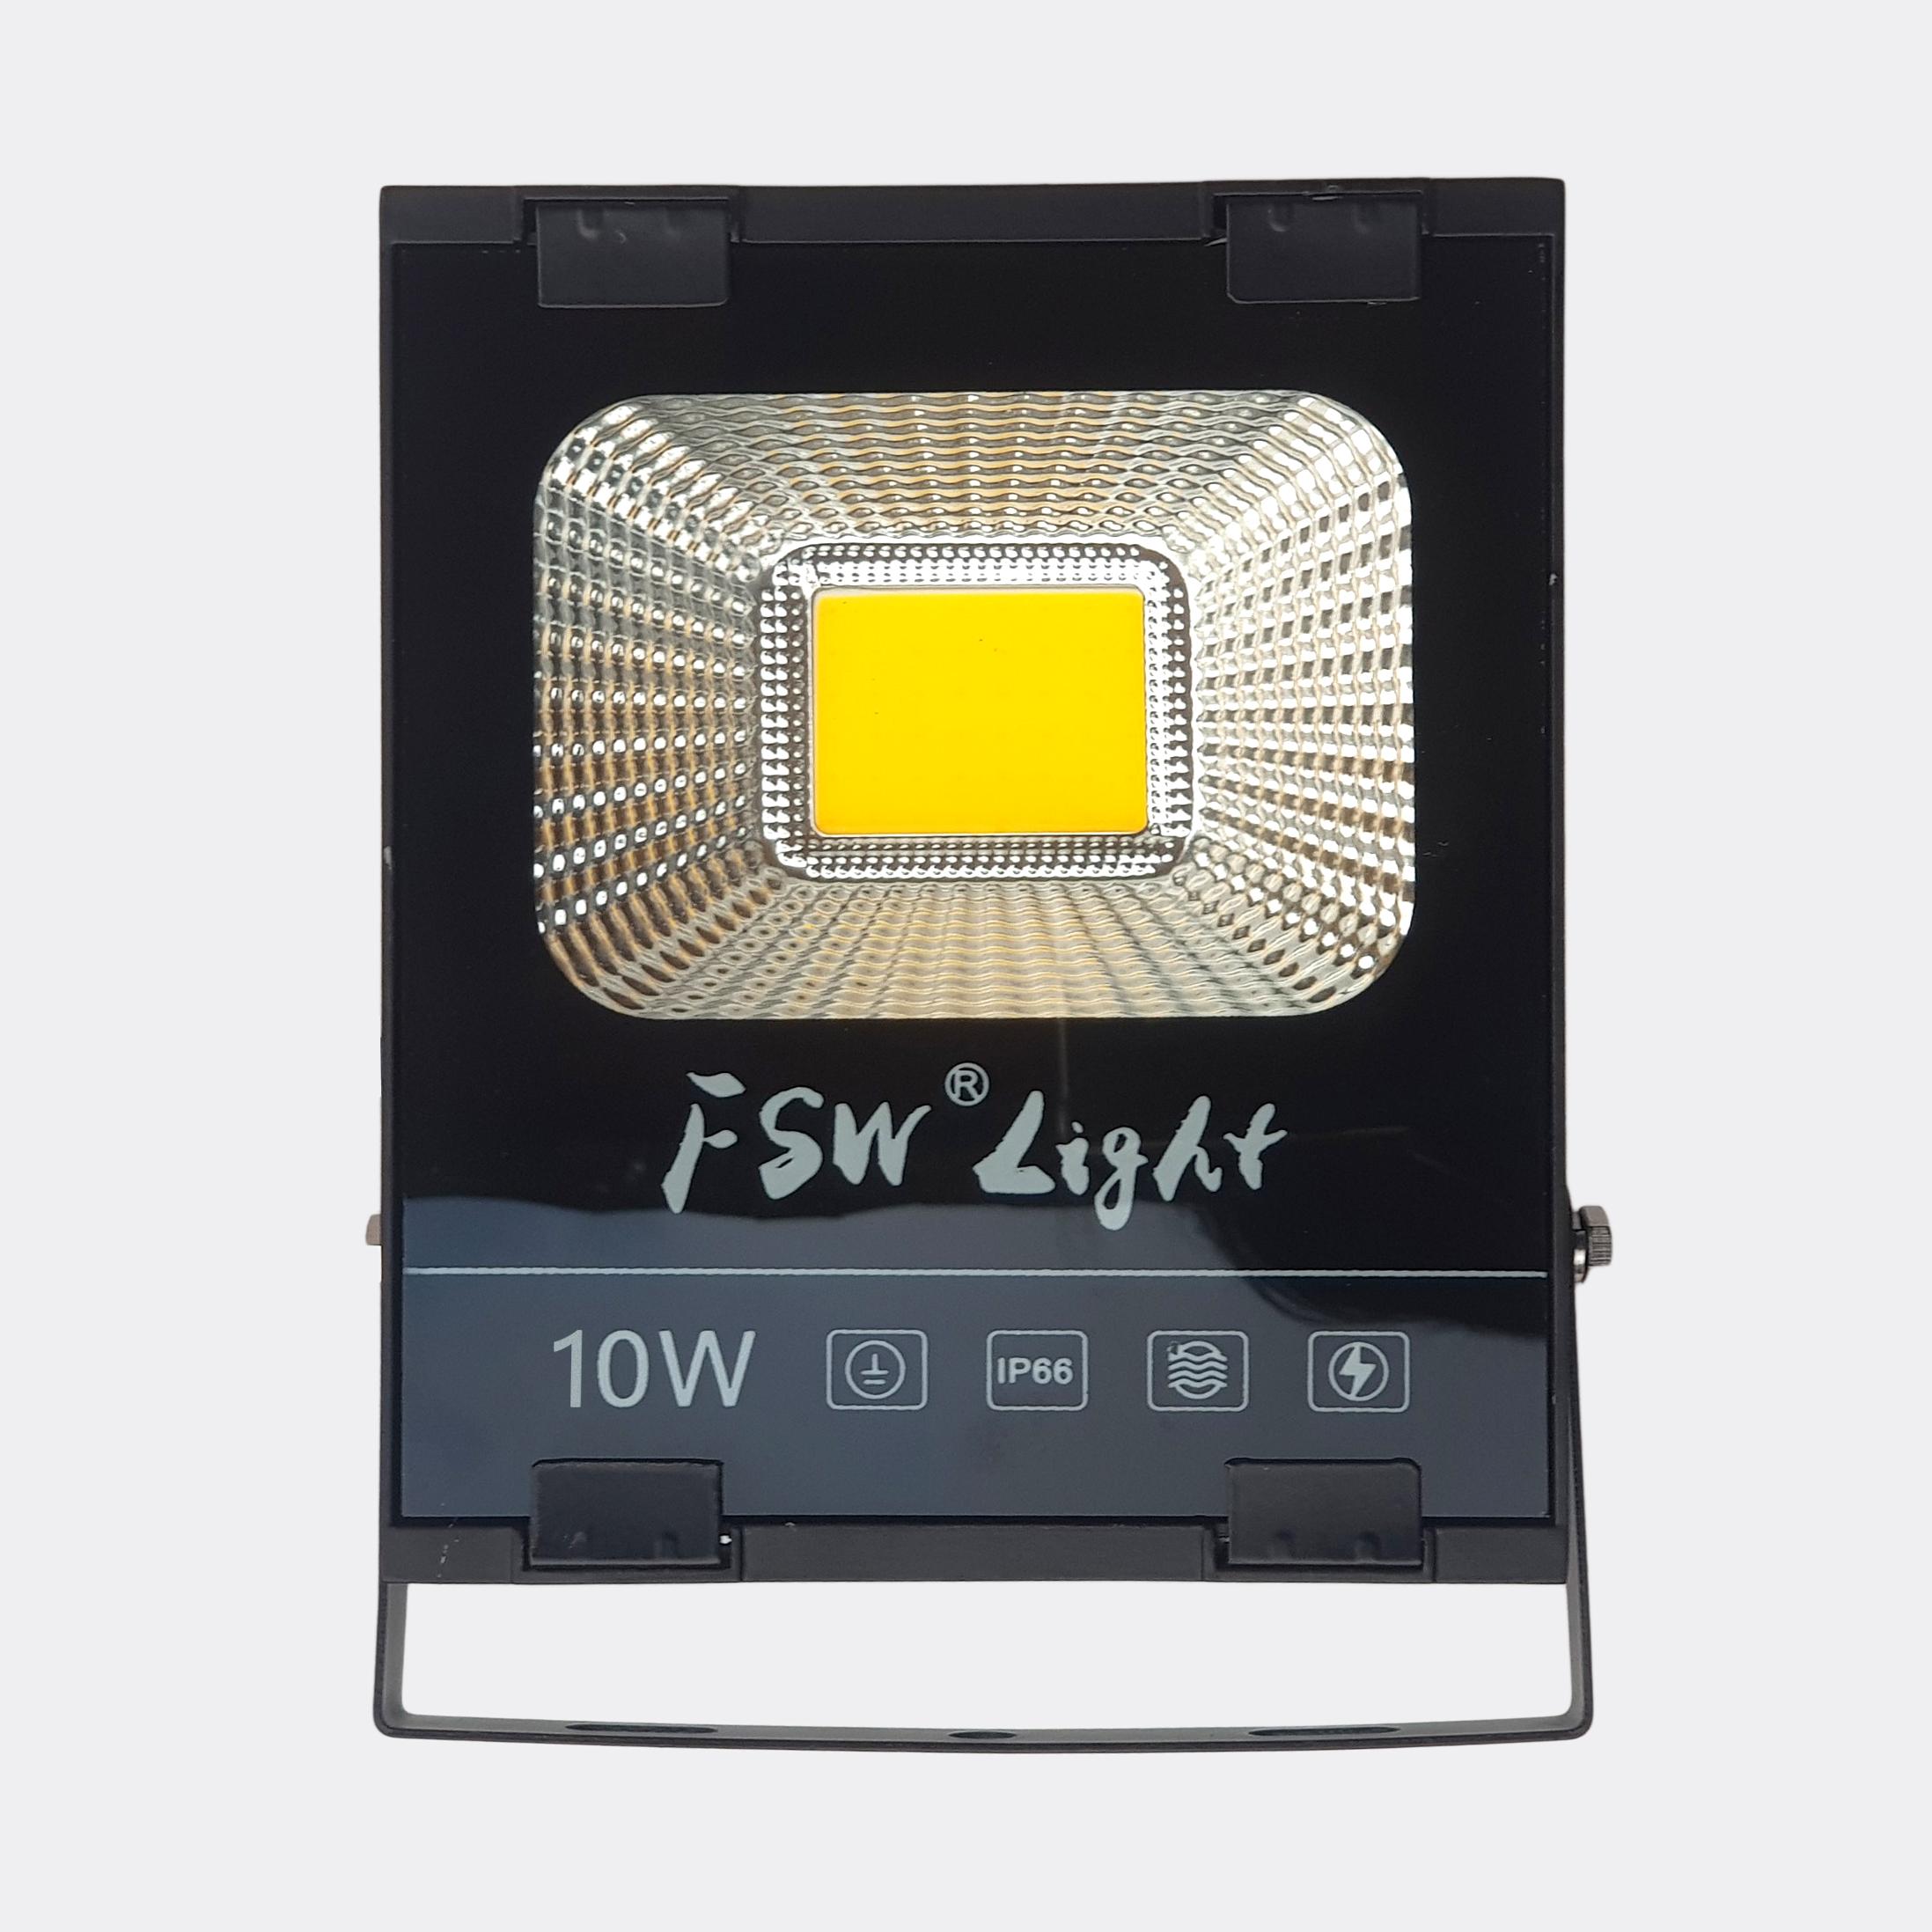 Đèn pha Led cao cấp ngoài trời siêu sáng 10w FSW